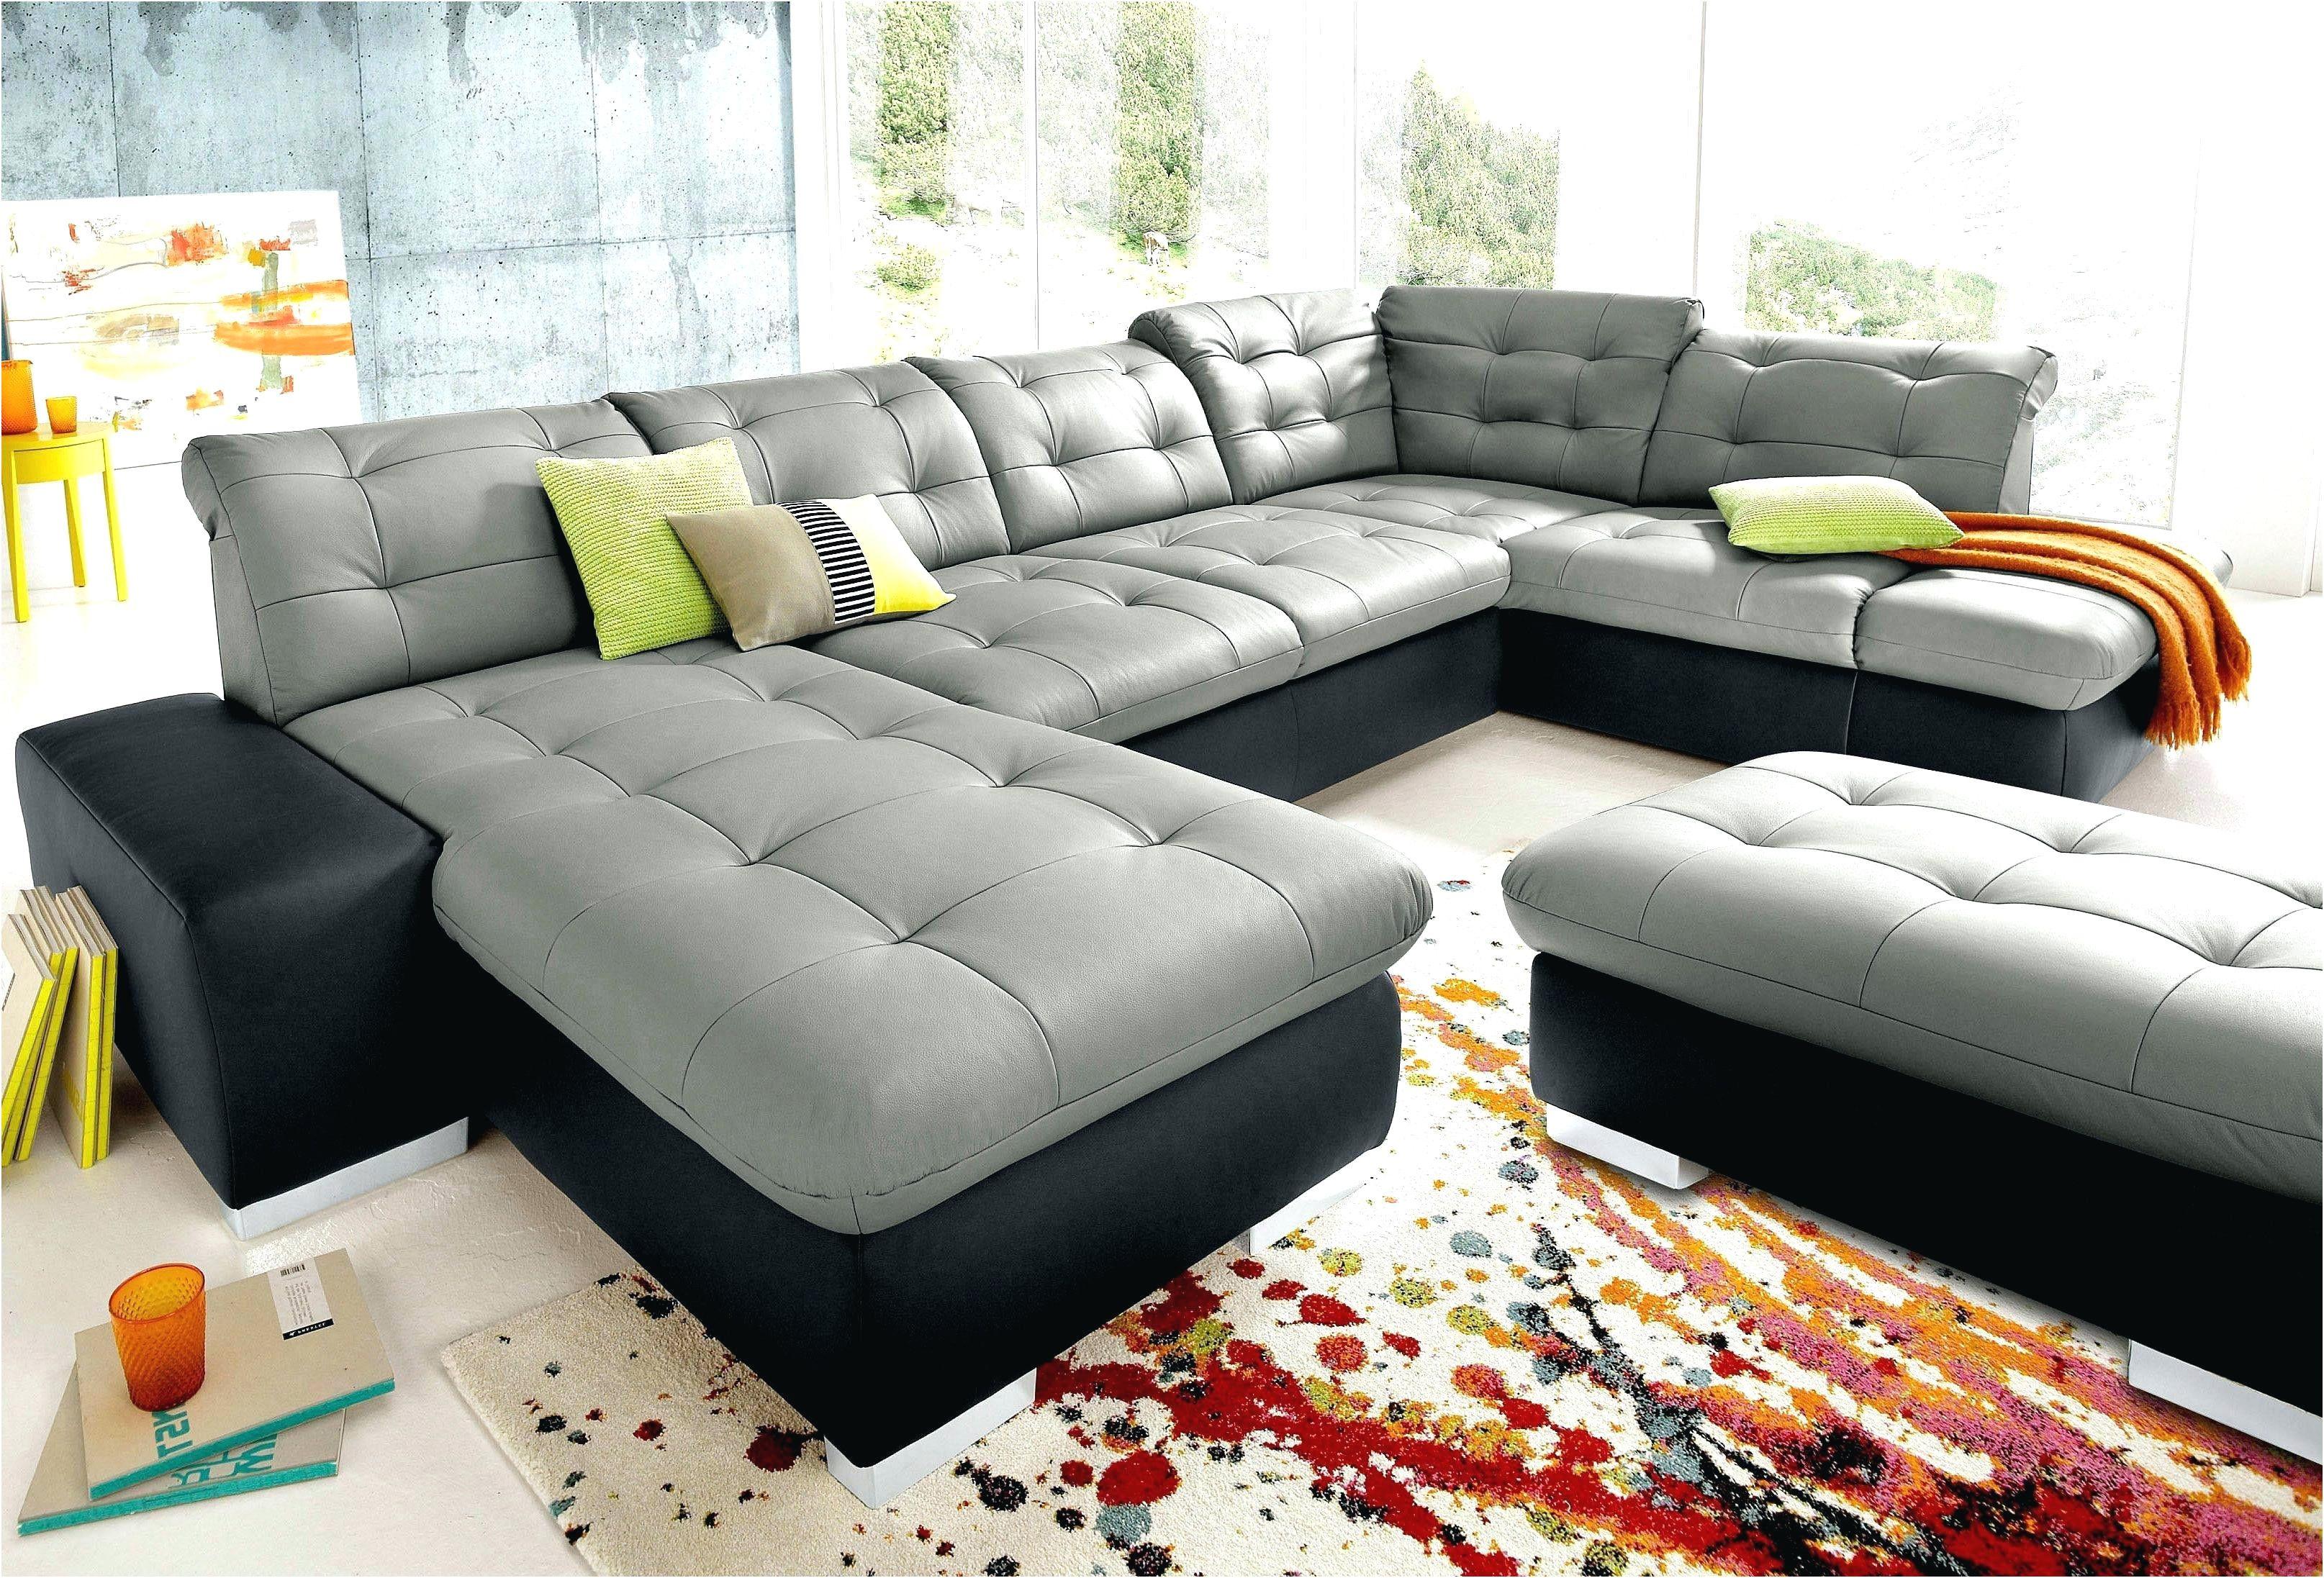 Lebendig Billige Sofas Mit Schlaffunktion Big Sofas Couch Modern Couch